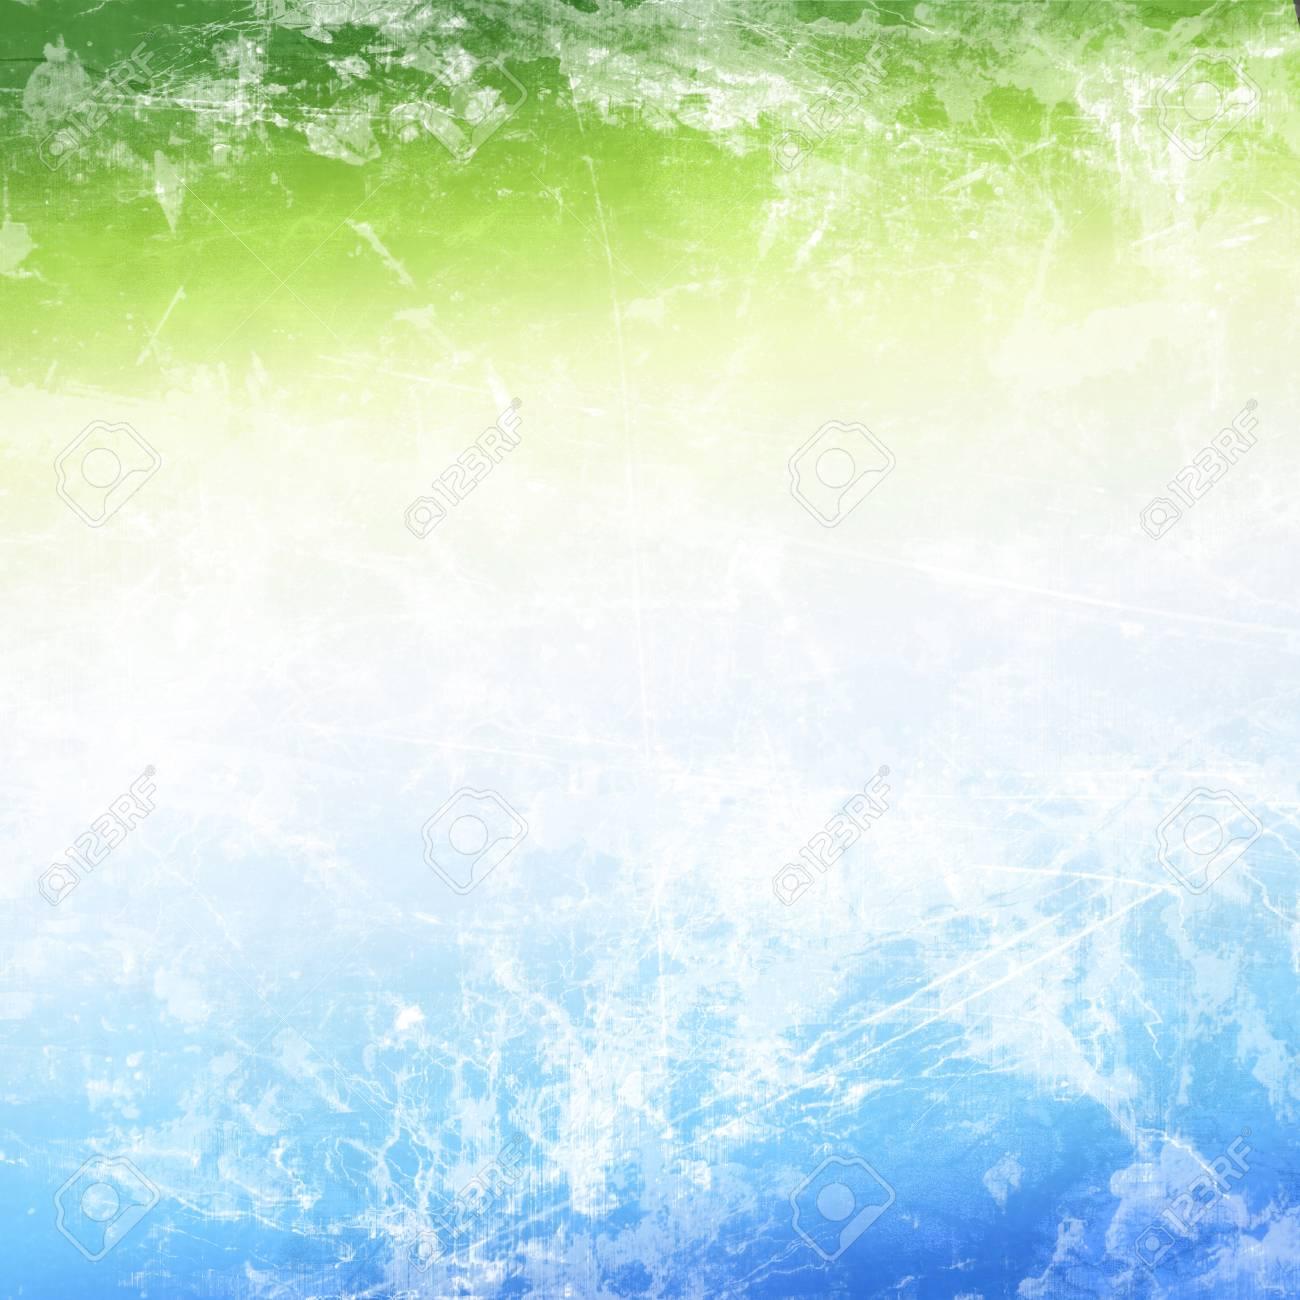 Immagini Stock Sfondo Astratto Nei Colori Blu Bianco E Verde